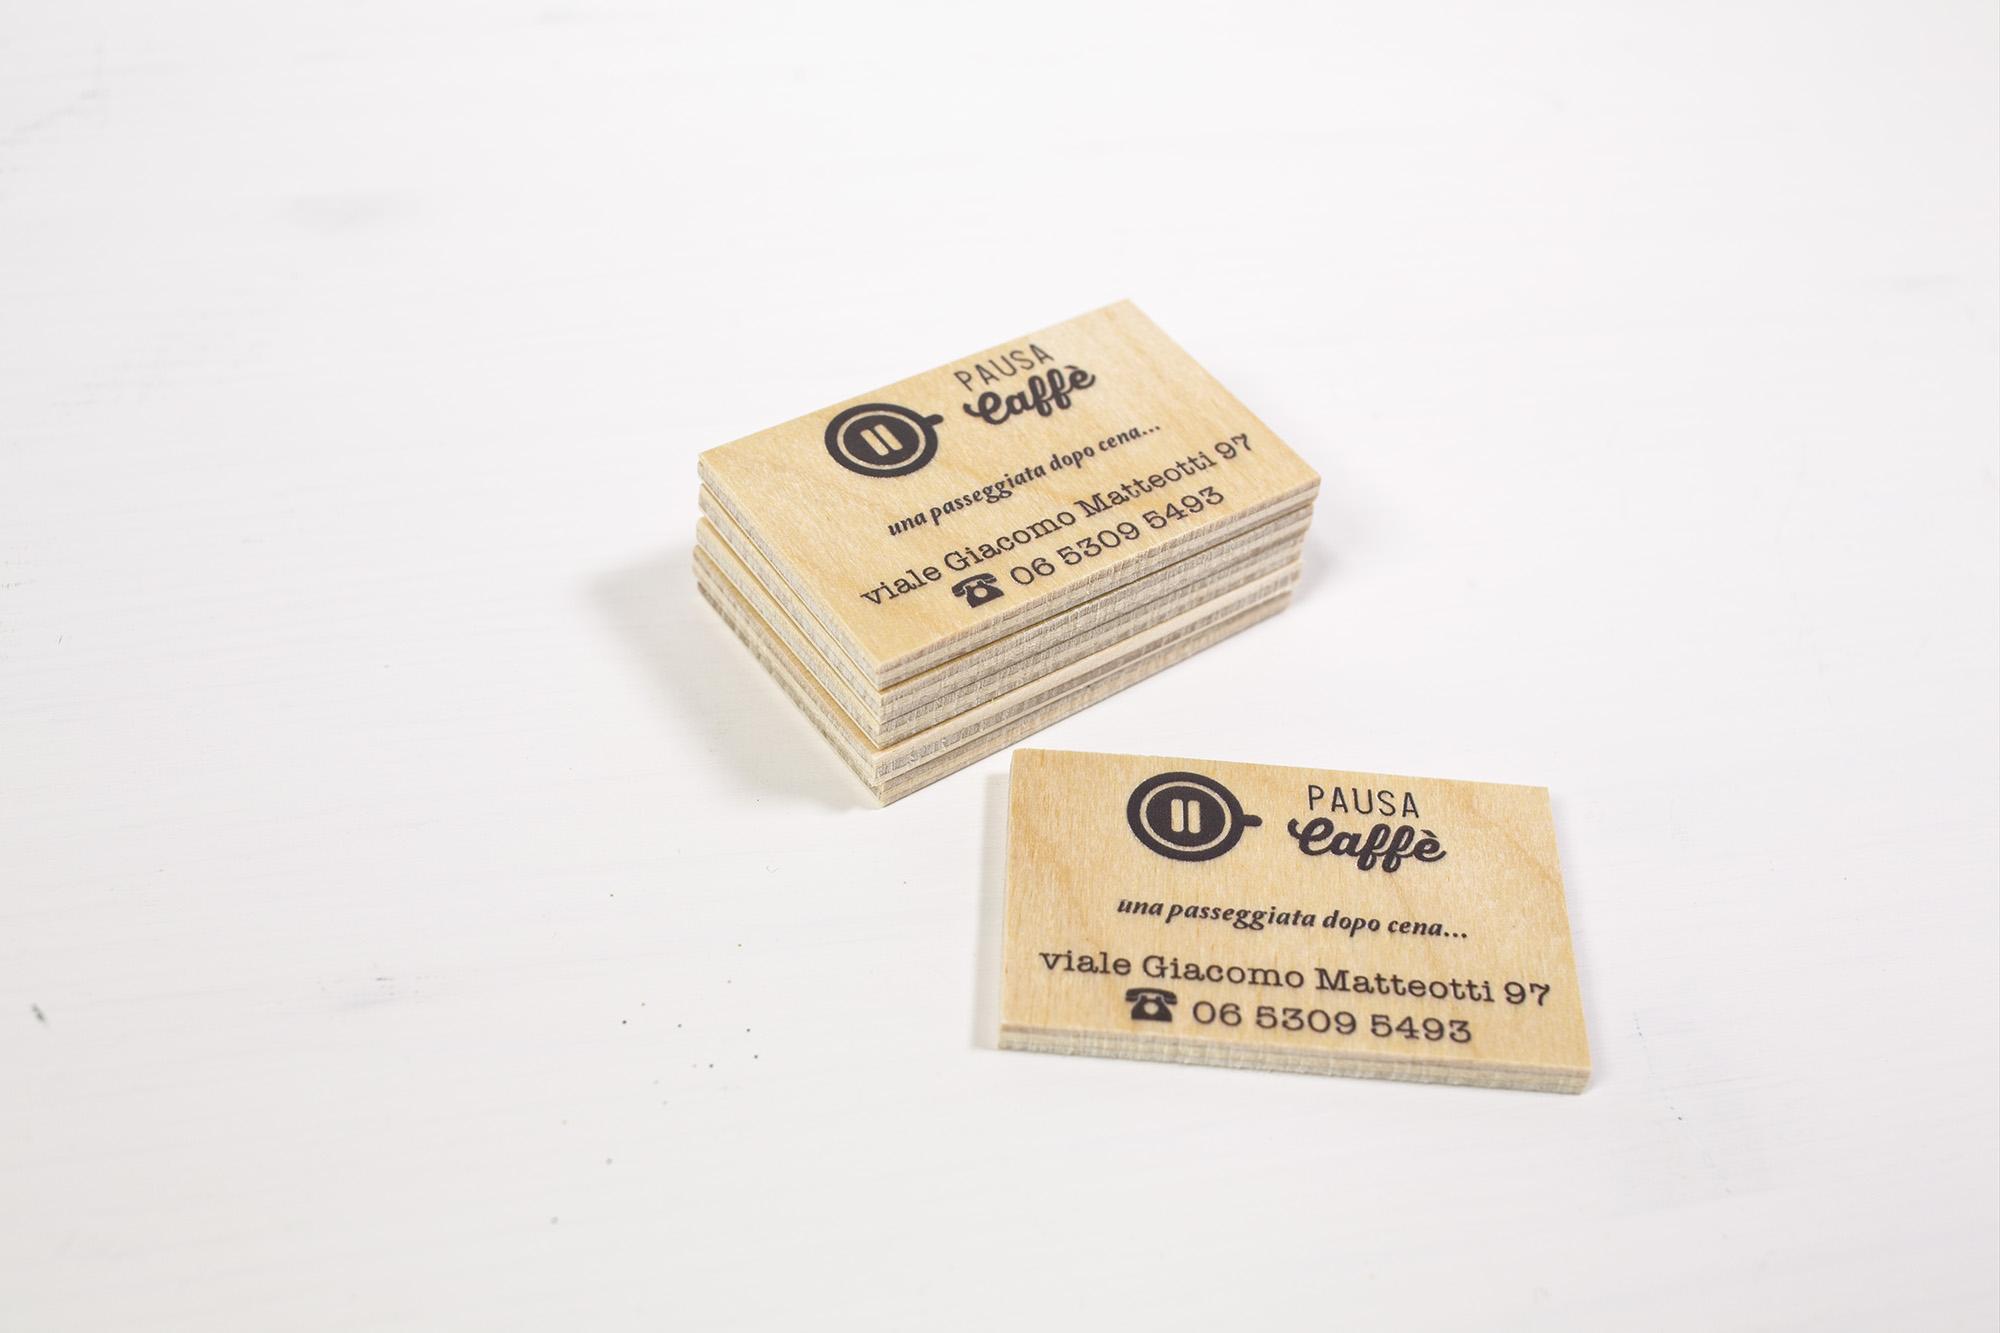 biglietti da visita islam come disegnare le mani grafica vettoriale casse carte. Legnetti Da Visita Biglietti Da Visita Di Legno Artigianali Pusateri Maker